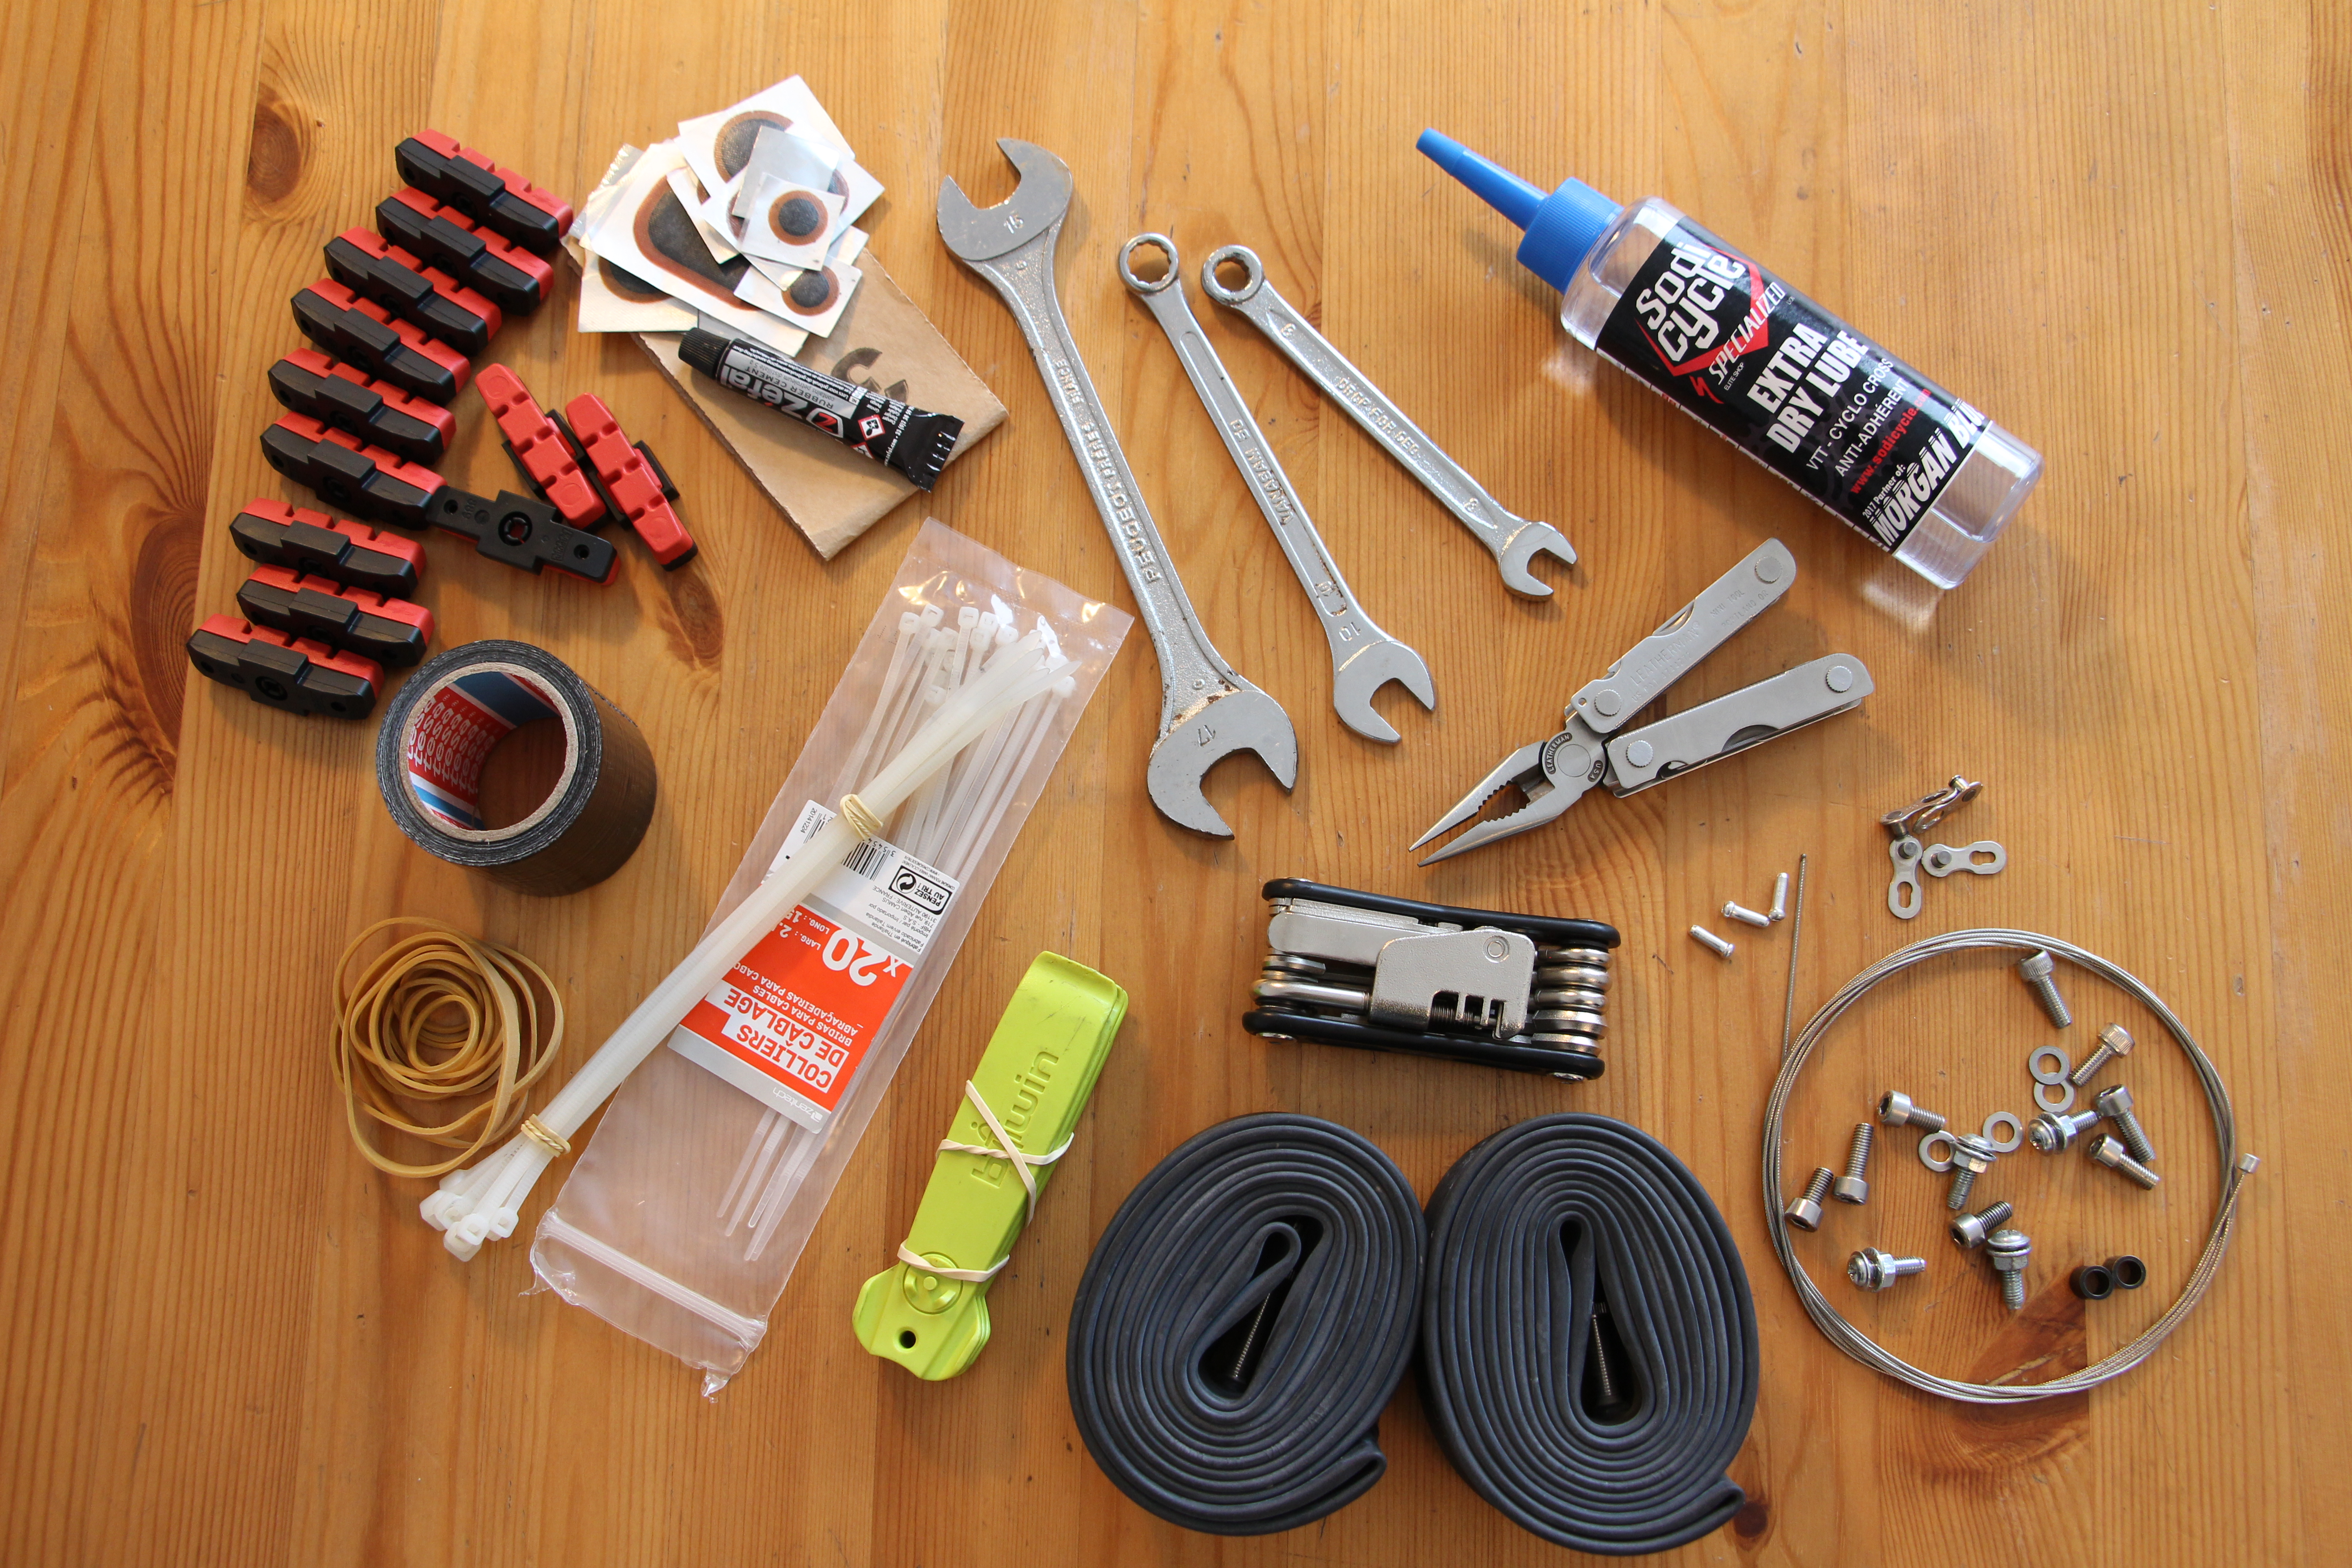 TMatériel - Trousse à outils